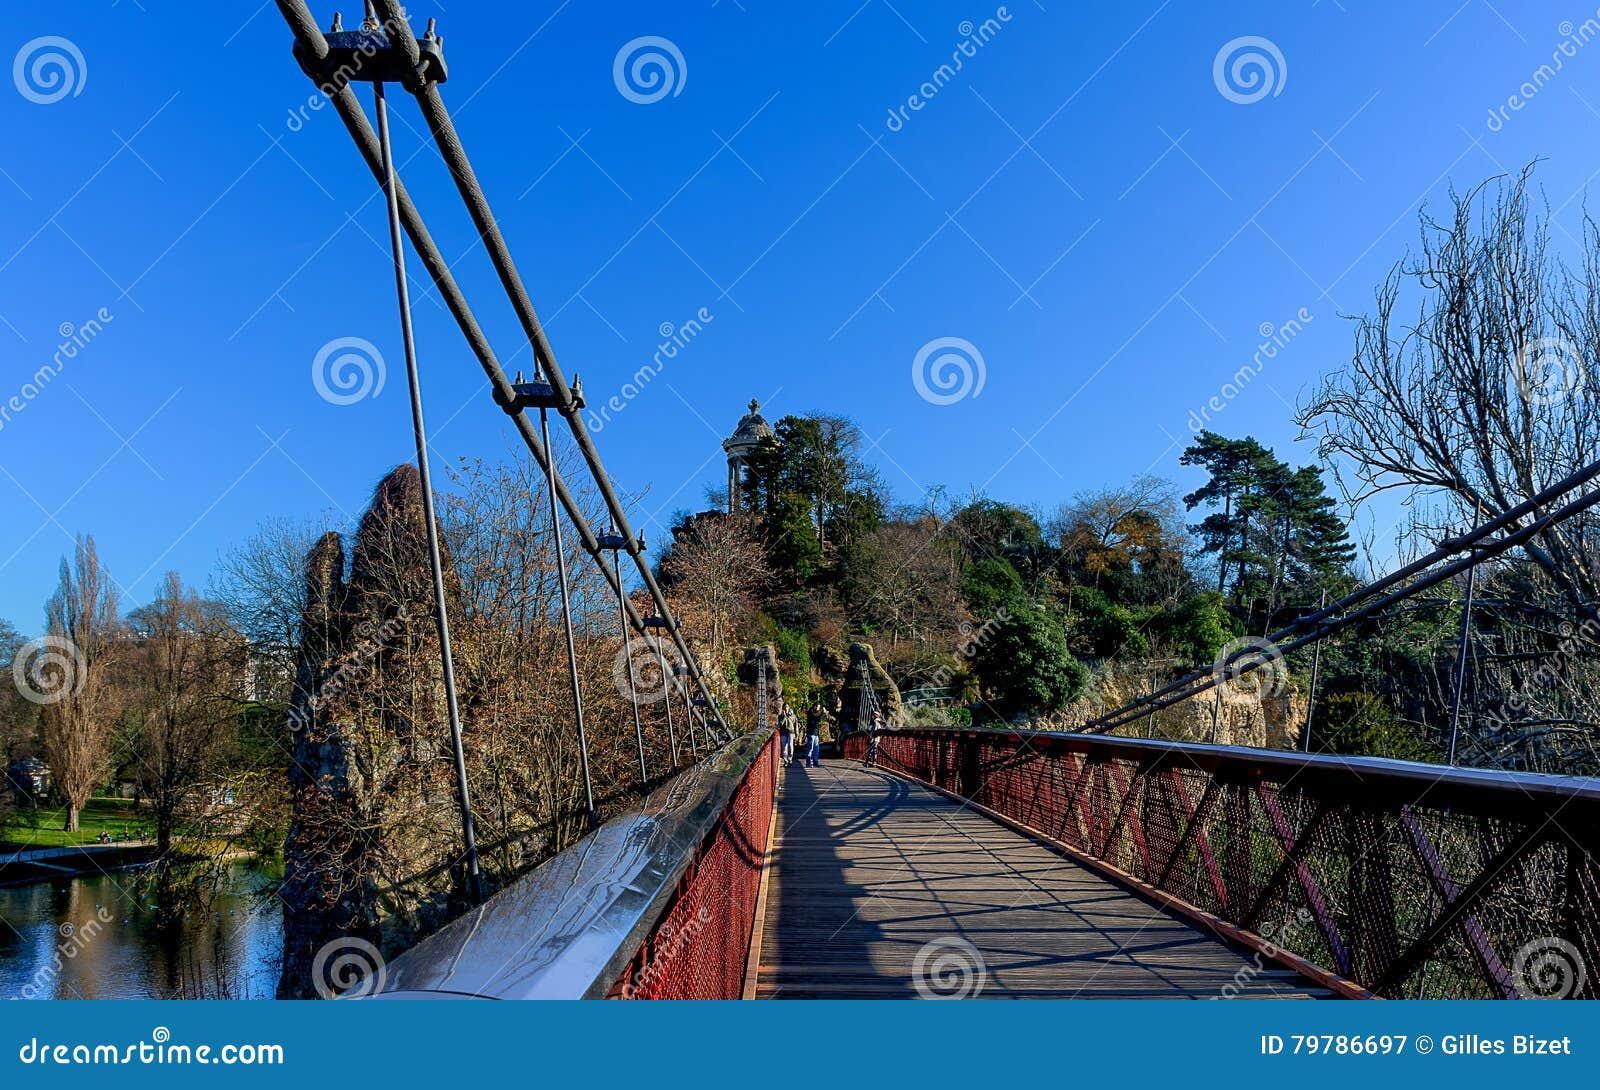 Paryż - zawieszenie most - Parc des Buttes Chaumont